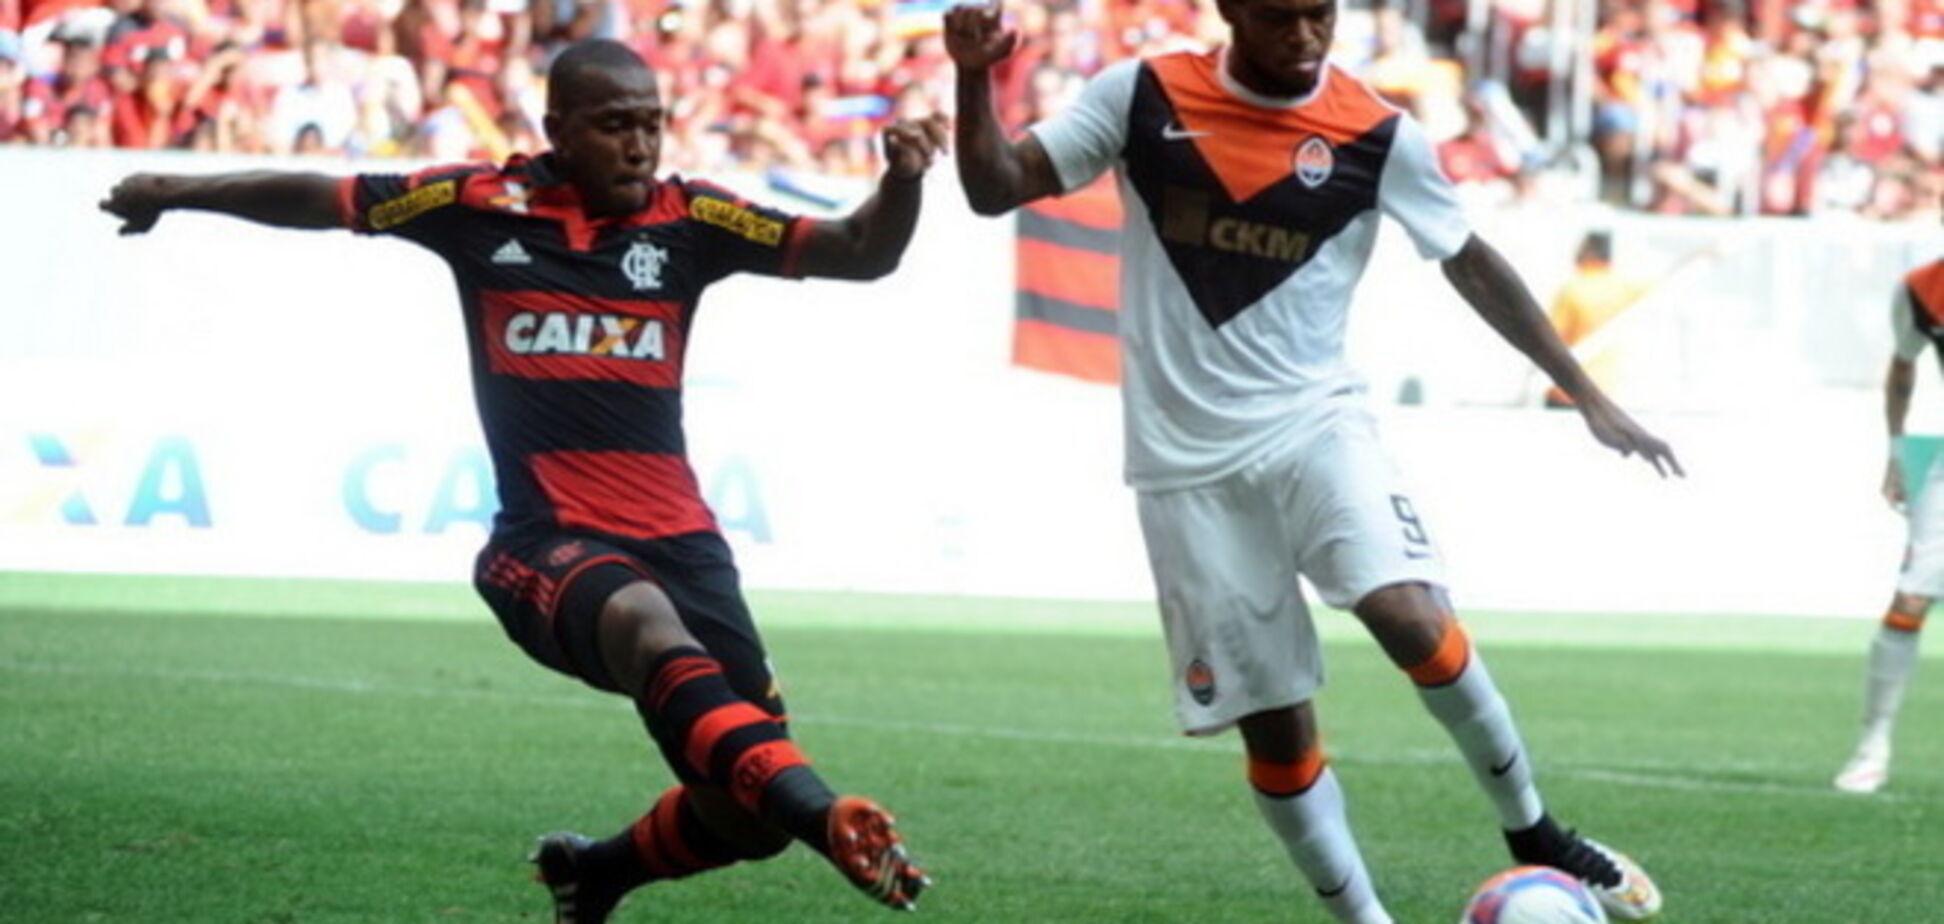 'Шахтер' сыграл по нулям с бразильскими 'стервятниками'